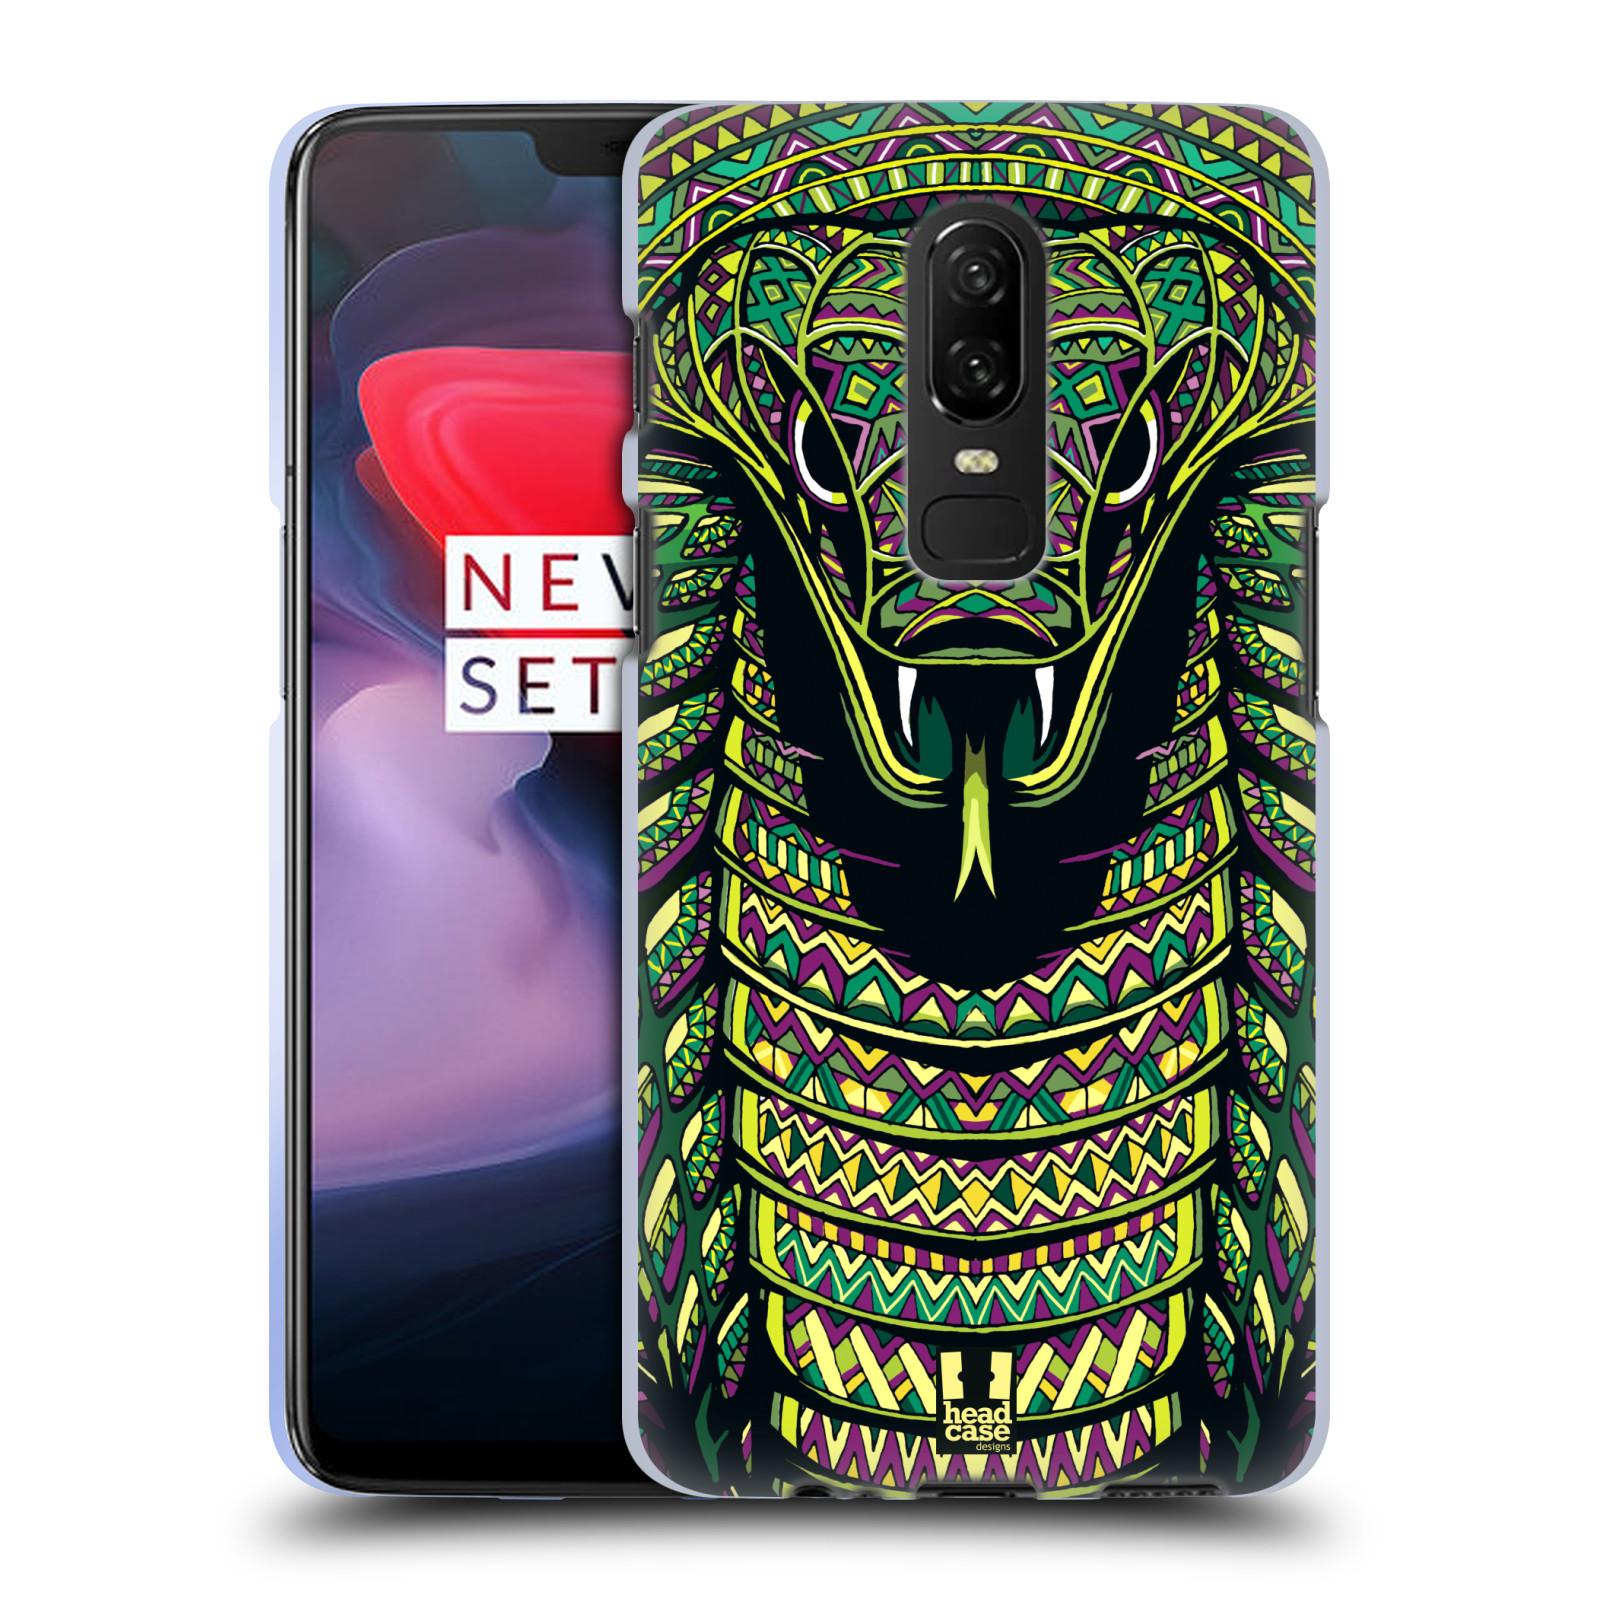 Silikonové pouzdro na mobil OnePlus 6 - Head Case - AZTEC HAD